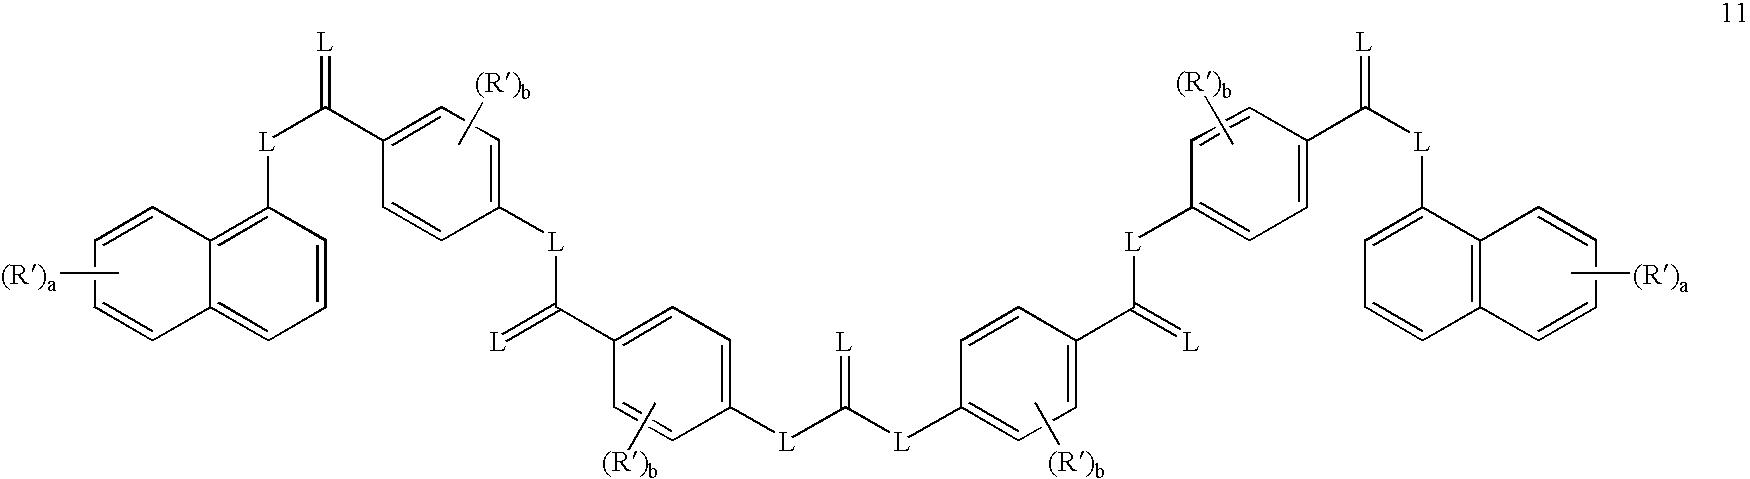 Figure US20060084085A1-20060420-C00015